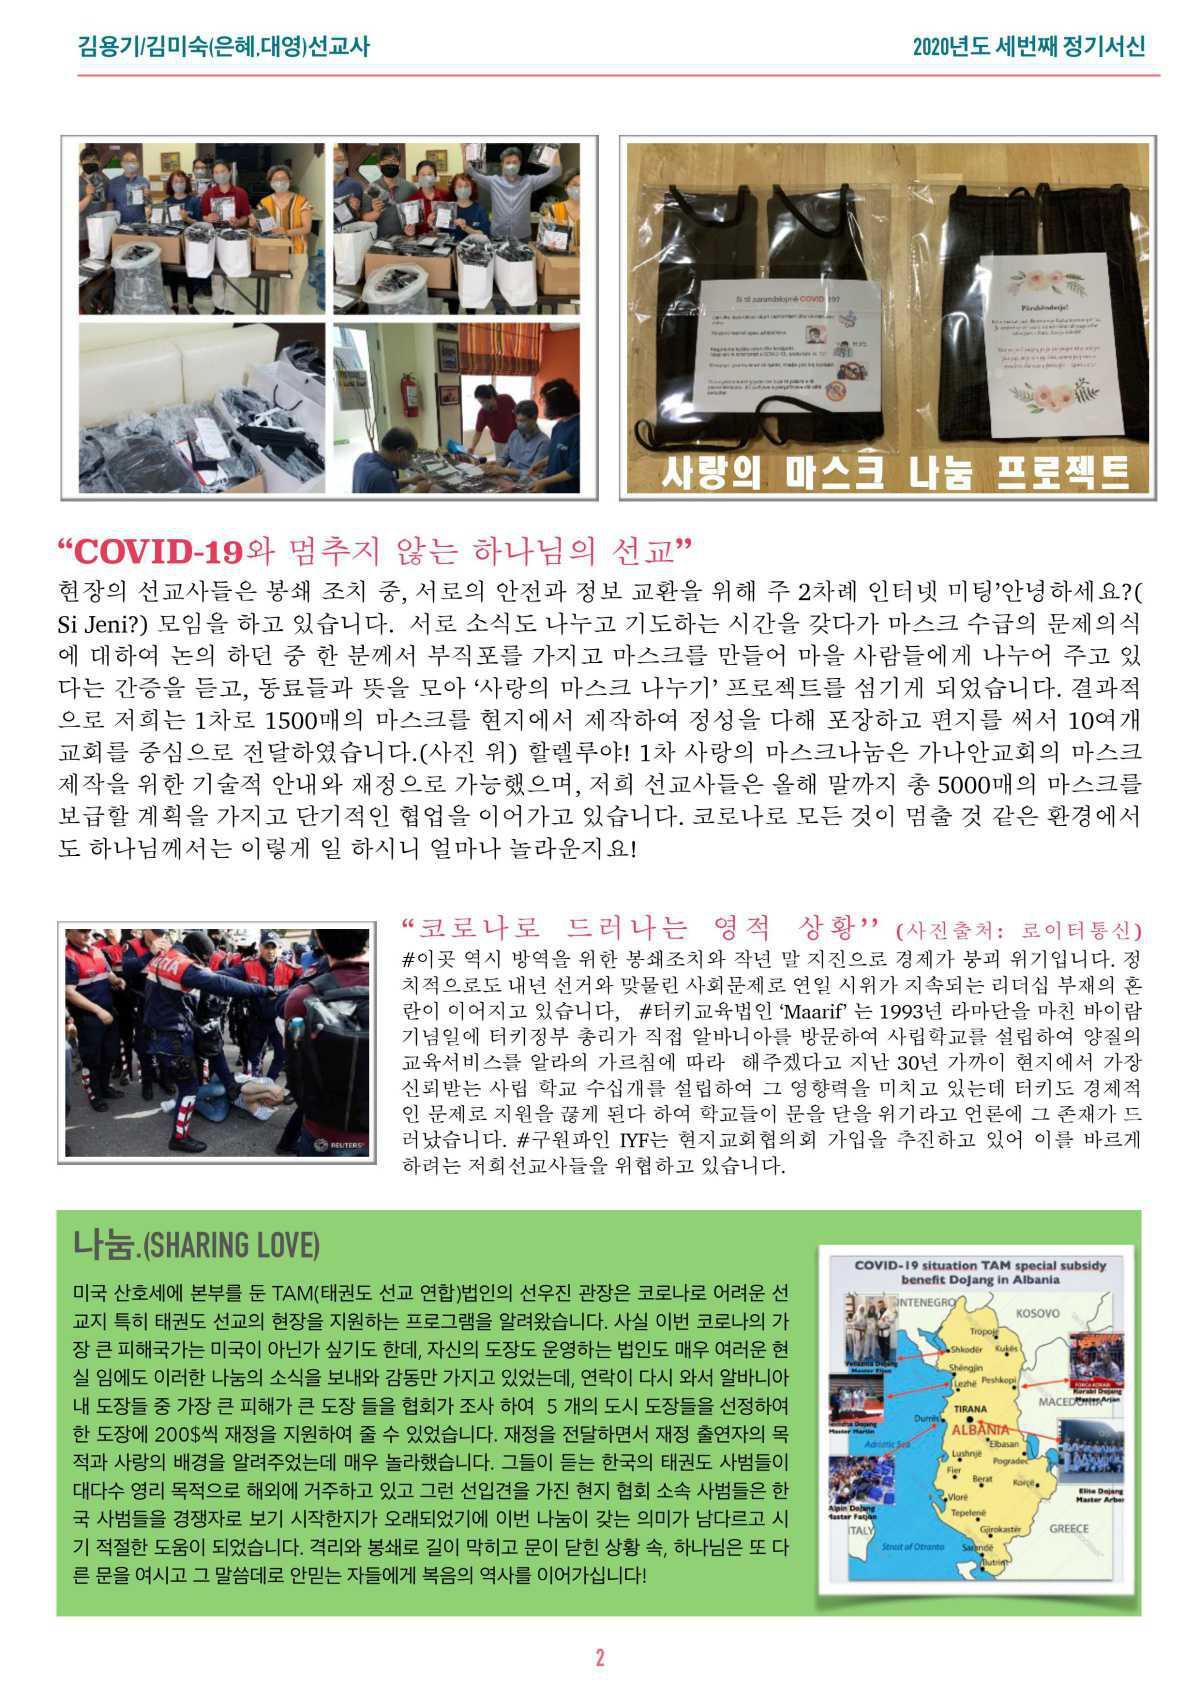 알바니아 선교소식_2020년 4월~6월_김용기 선교사님 가정